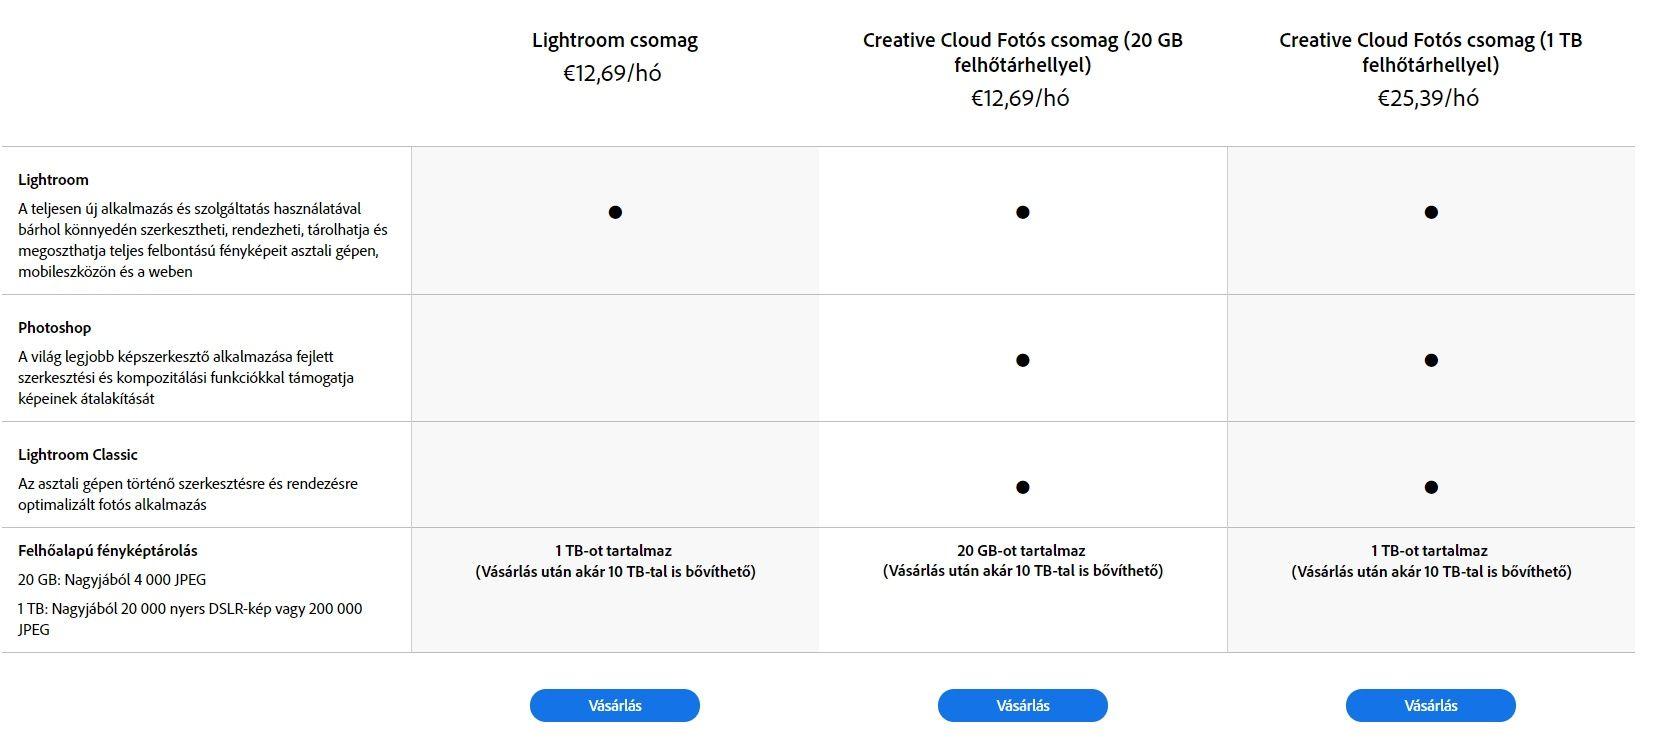 Adobe Lightroom CC csomagok összehasonlítása